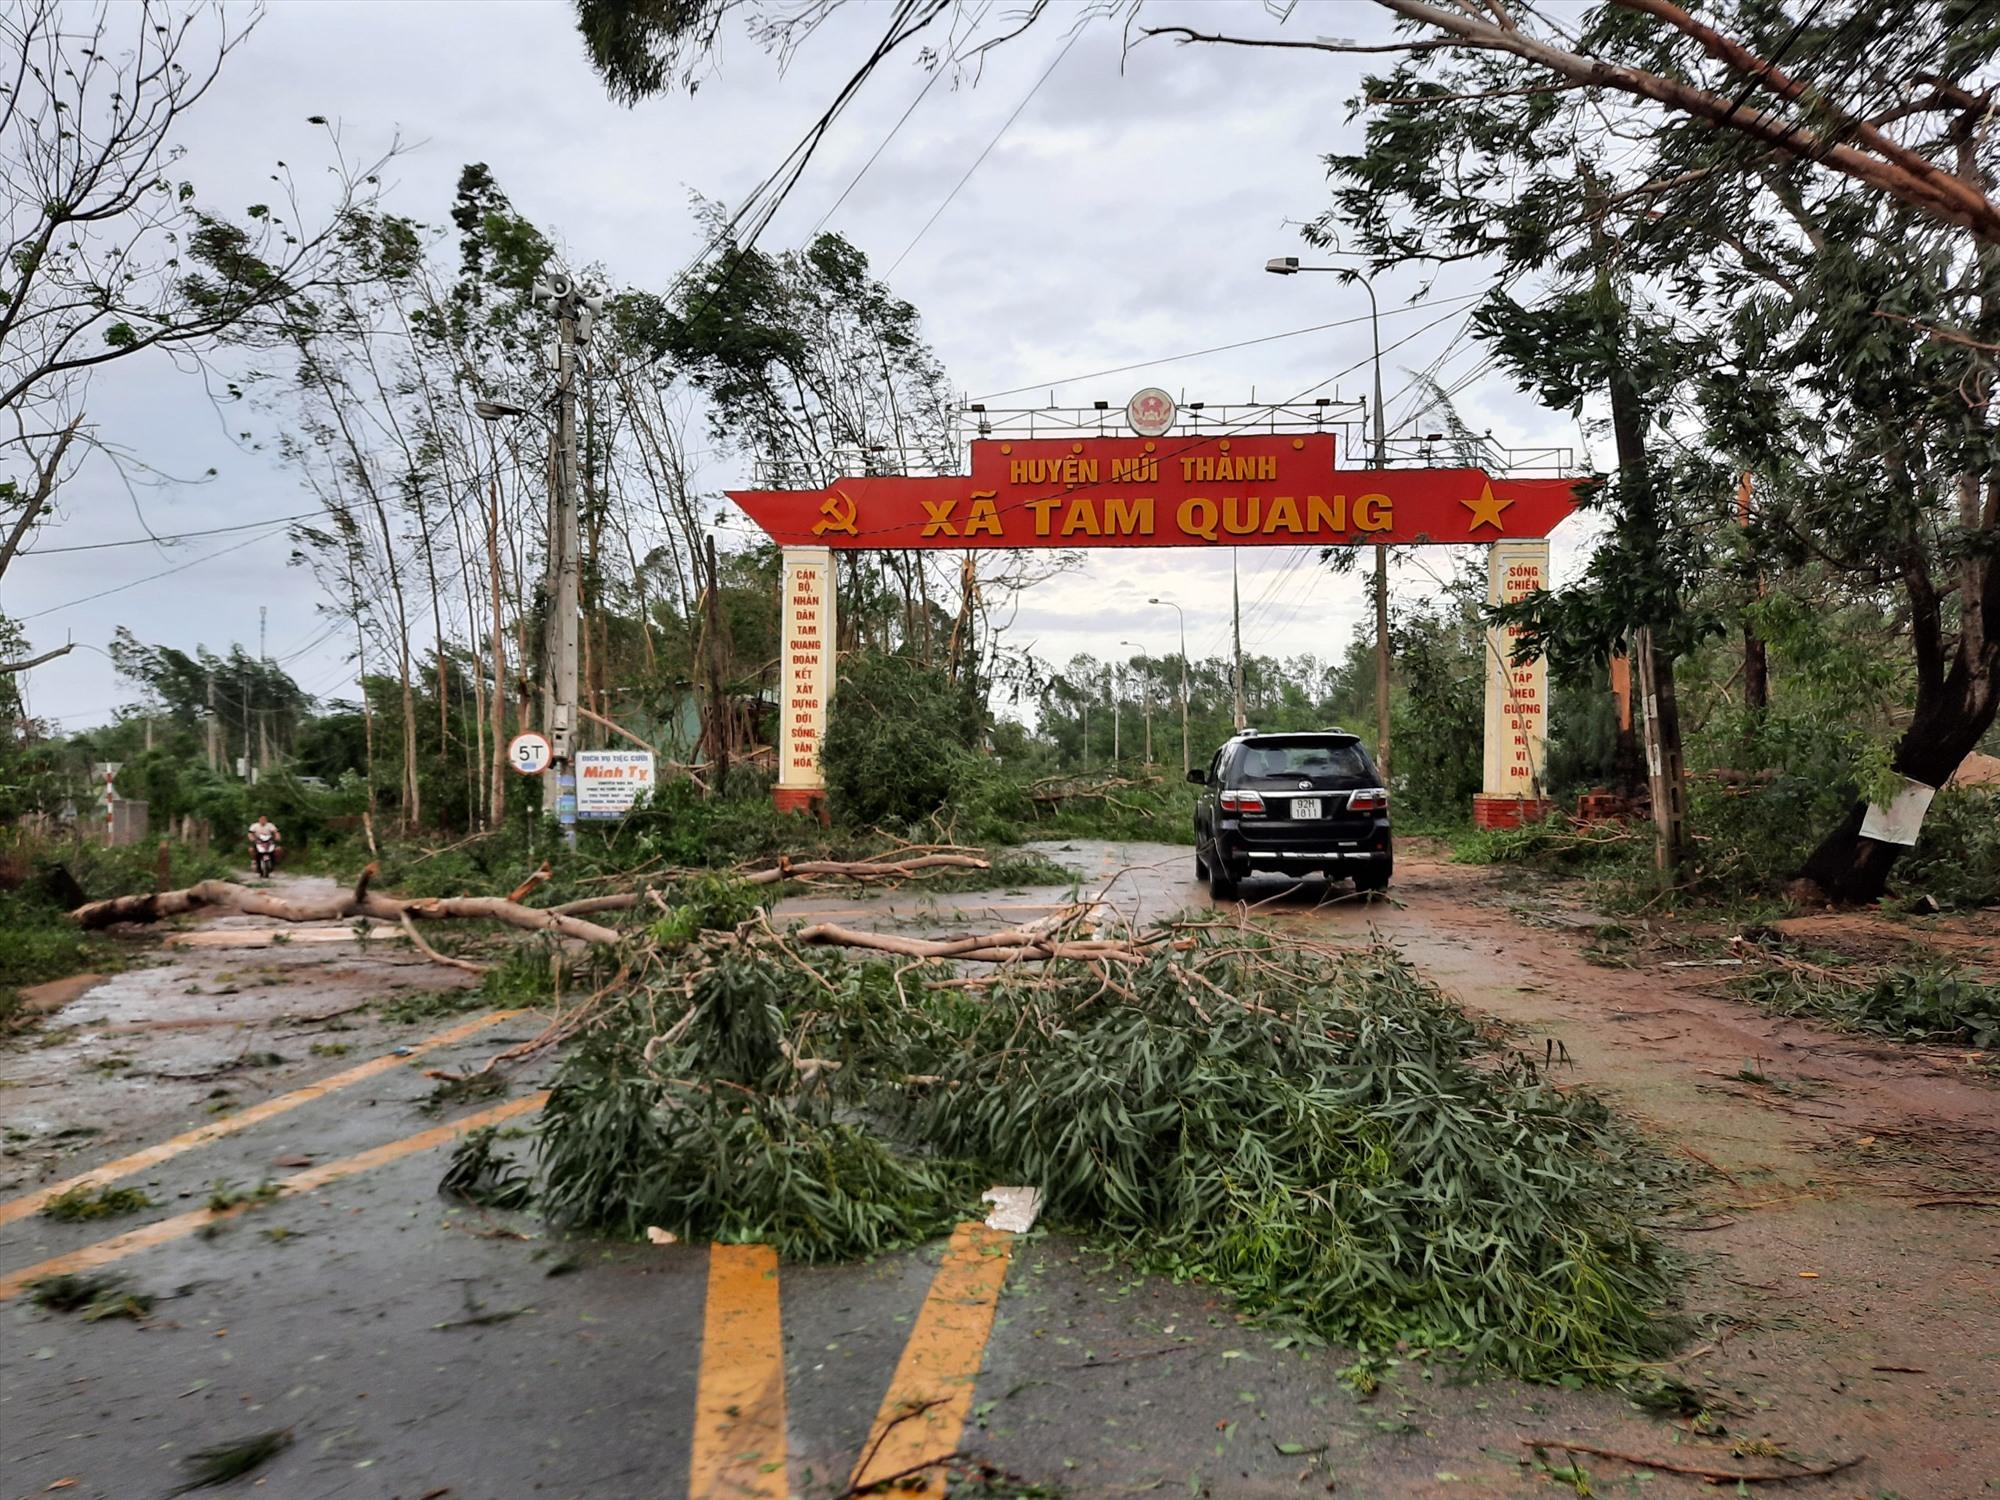 Cây cối ngã đổ tại xã Tam Quang, bão số 9 ít gây thiệt hại lớn về tài sản tại xã này .Ảnh: Đ.ĐẠO